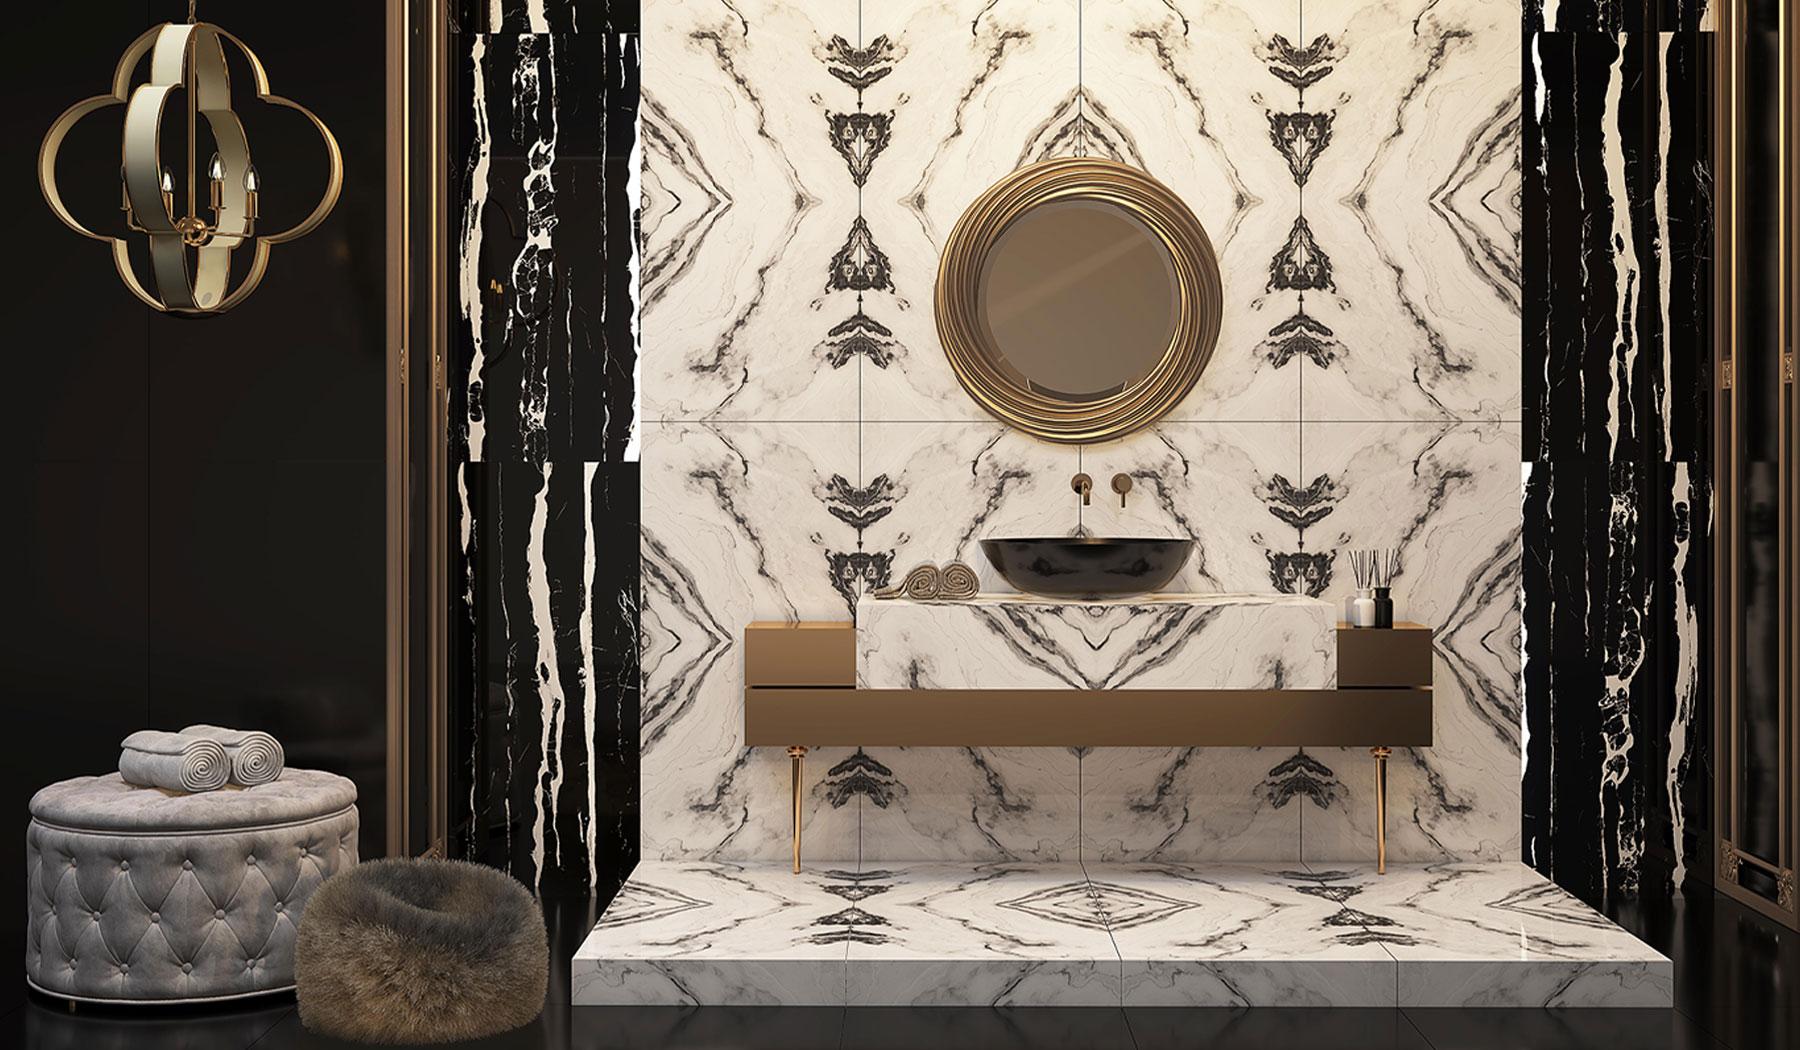 کاشی و سرامیک بوم سرامیک ، سرامیک پرسلان طرح فسیل سفید سایز 60*120 لعاب فول پولیش صاف با زمینه سنگ